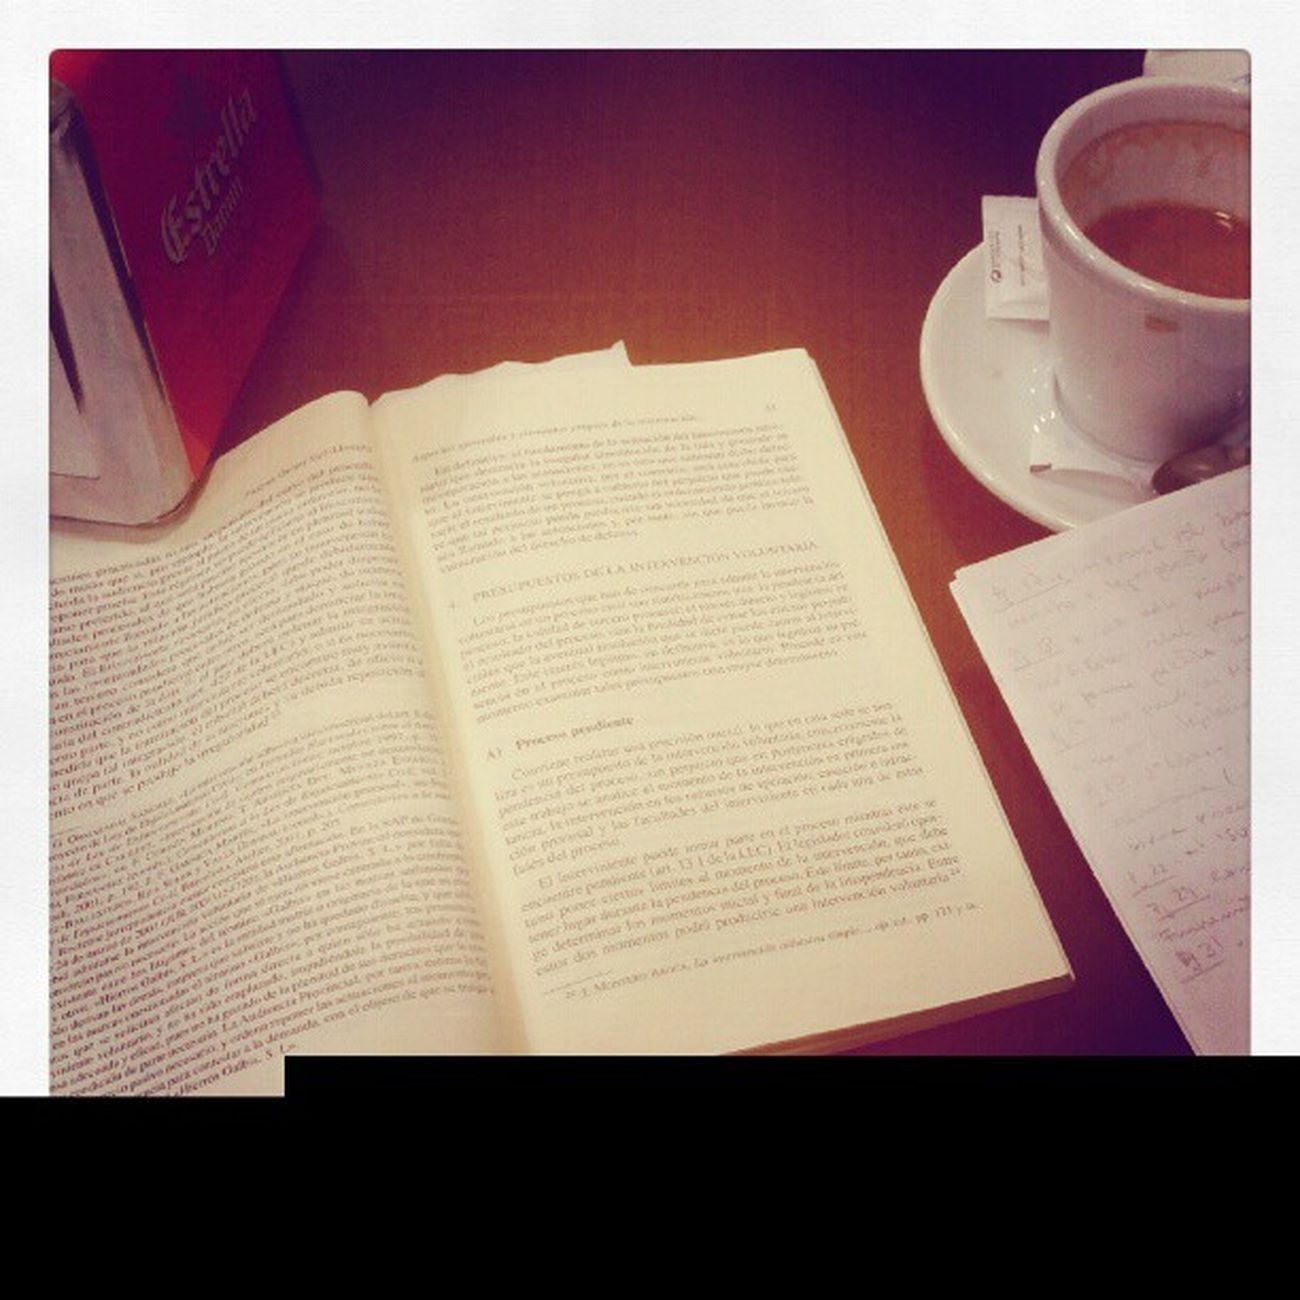 Sensació de començar malament el dia Feina Esmorzar Coffee Demanda son